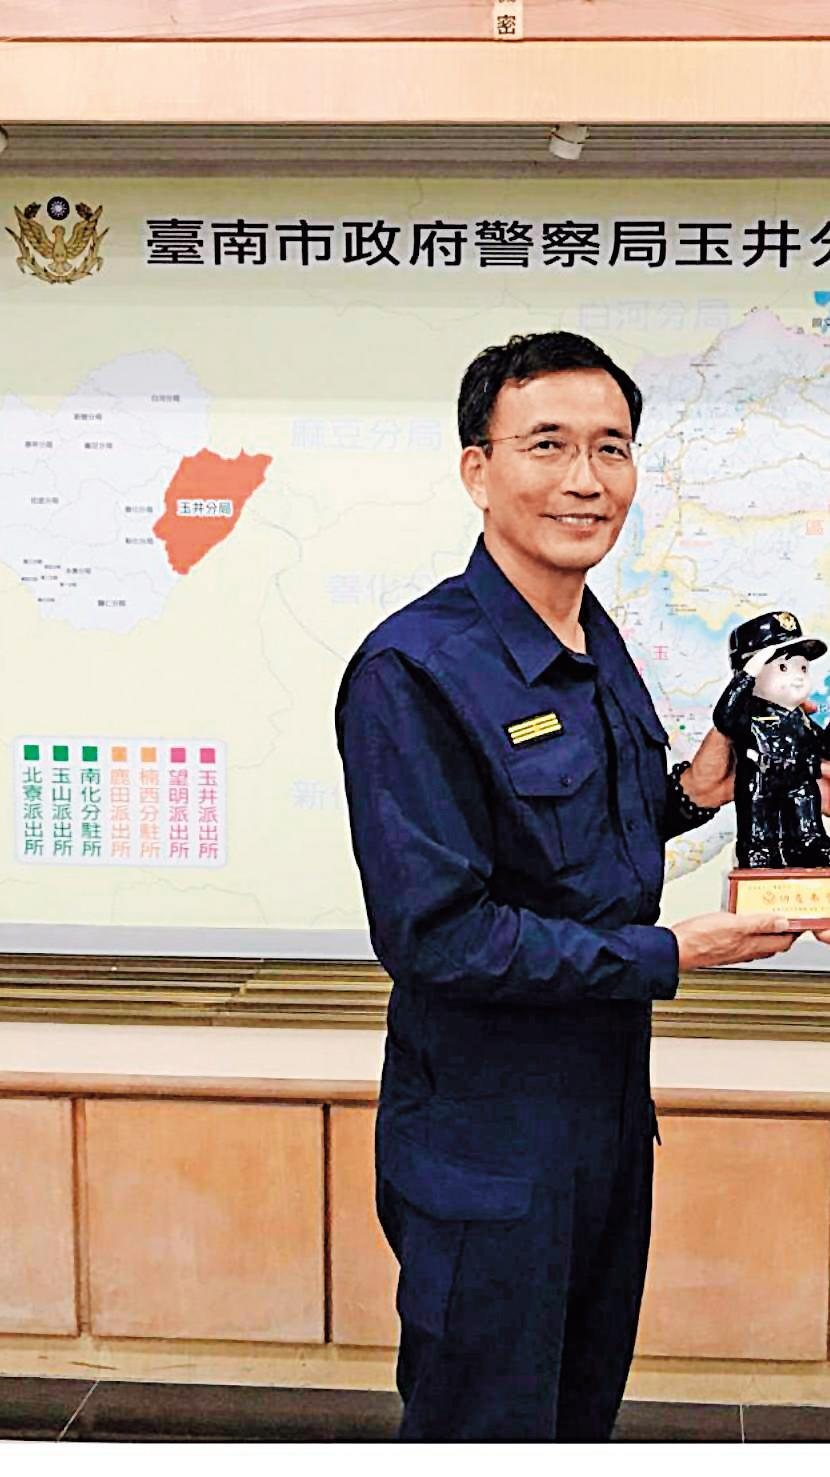 玉井分局長楊青垂親自參與情殺案的偵辦。(翻攝畫面)